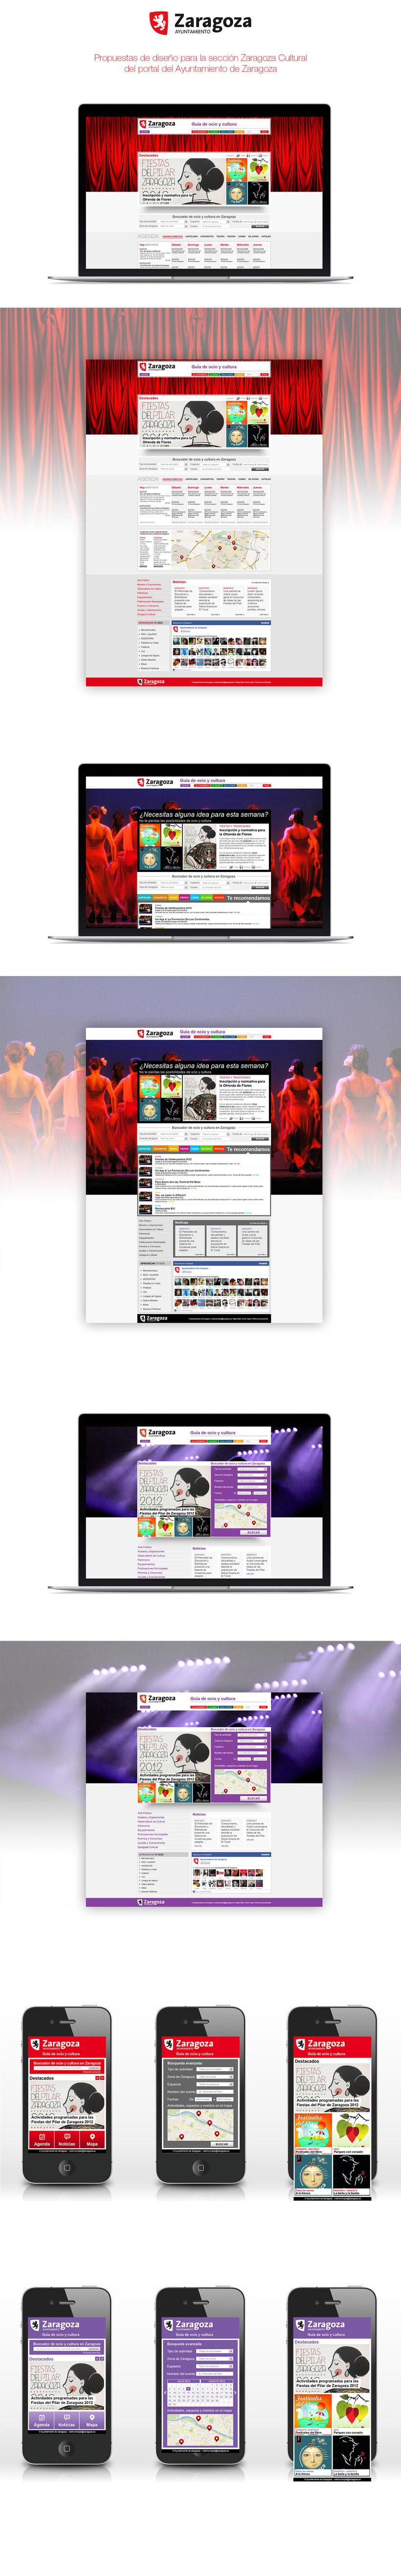 Zaragoza Cultural | Website concept + App concept -1